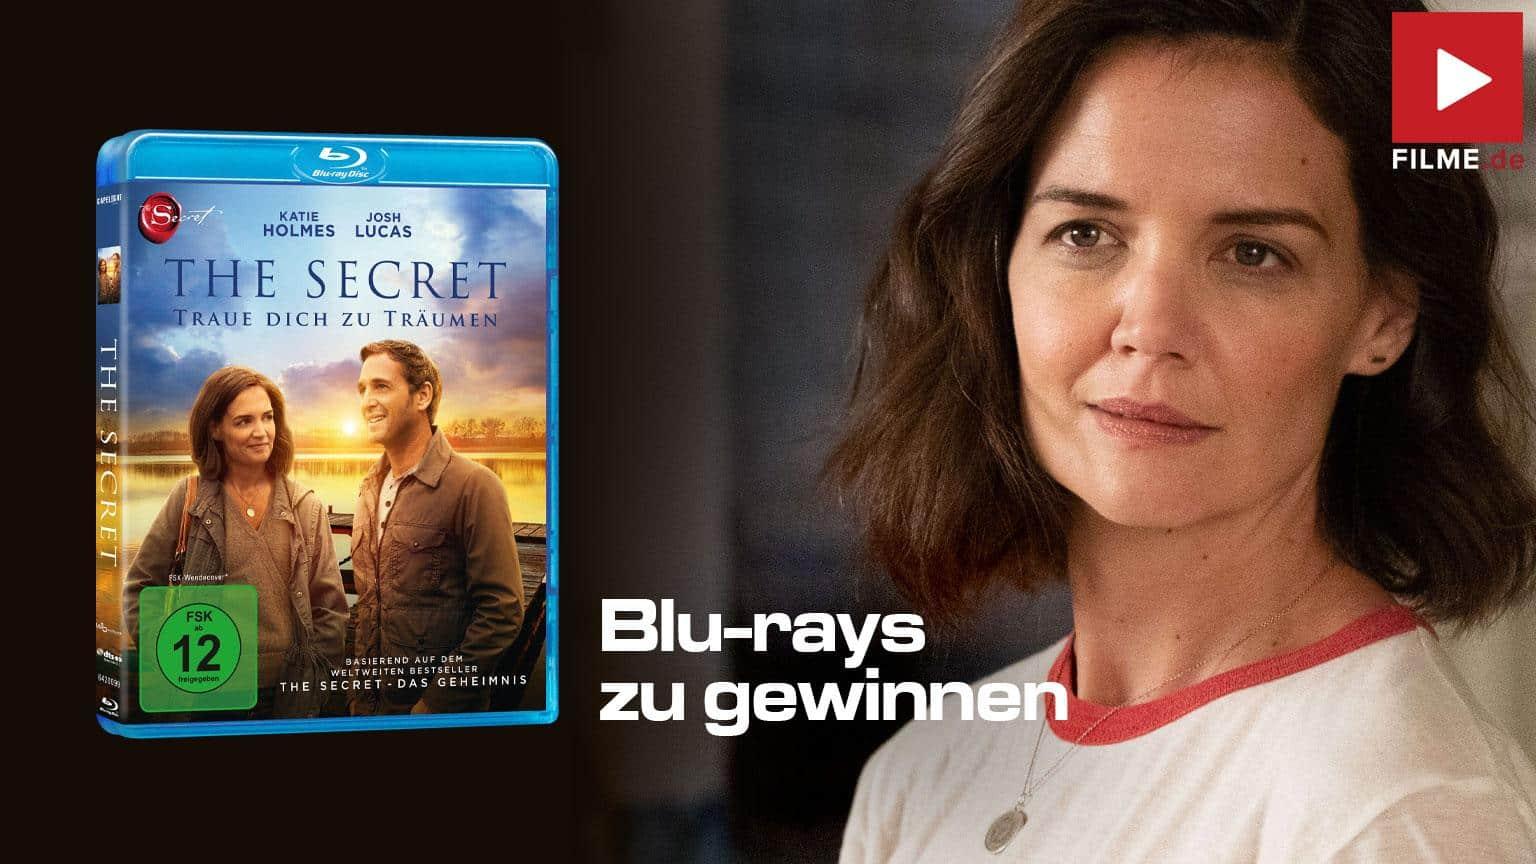 THE SECRET – Traue dich zu träumen Film 2020 Blu-ray DVD shop kaufen Gewinnspiel gewinnen Artikelbild